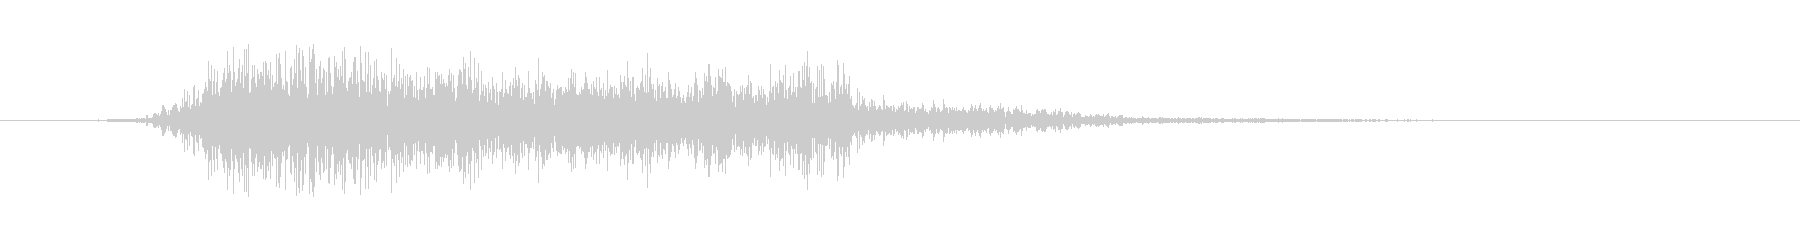 攻撃ドローン:ファイアタグダーツの未再生の波形